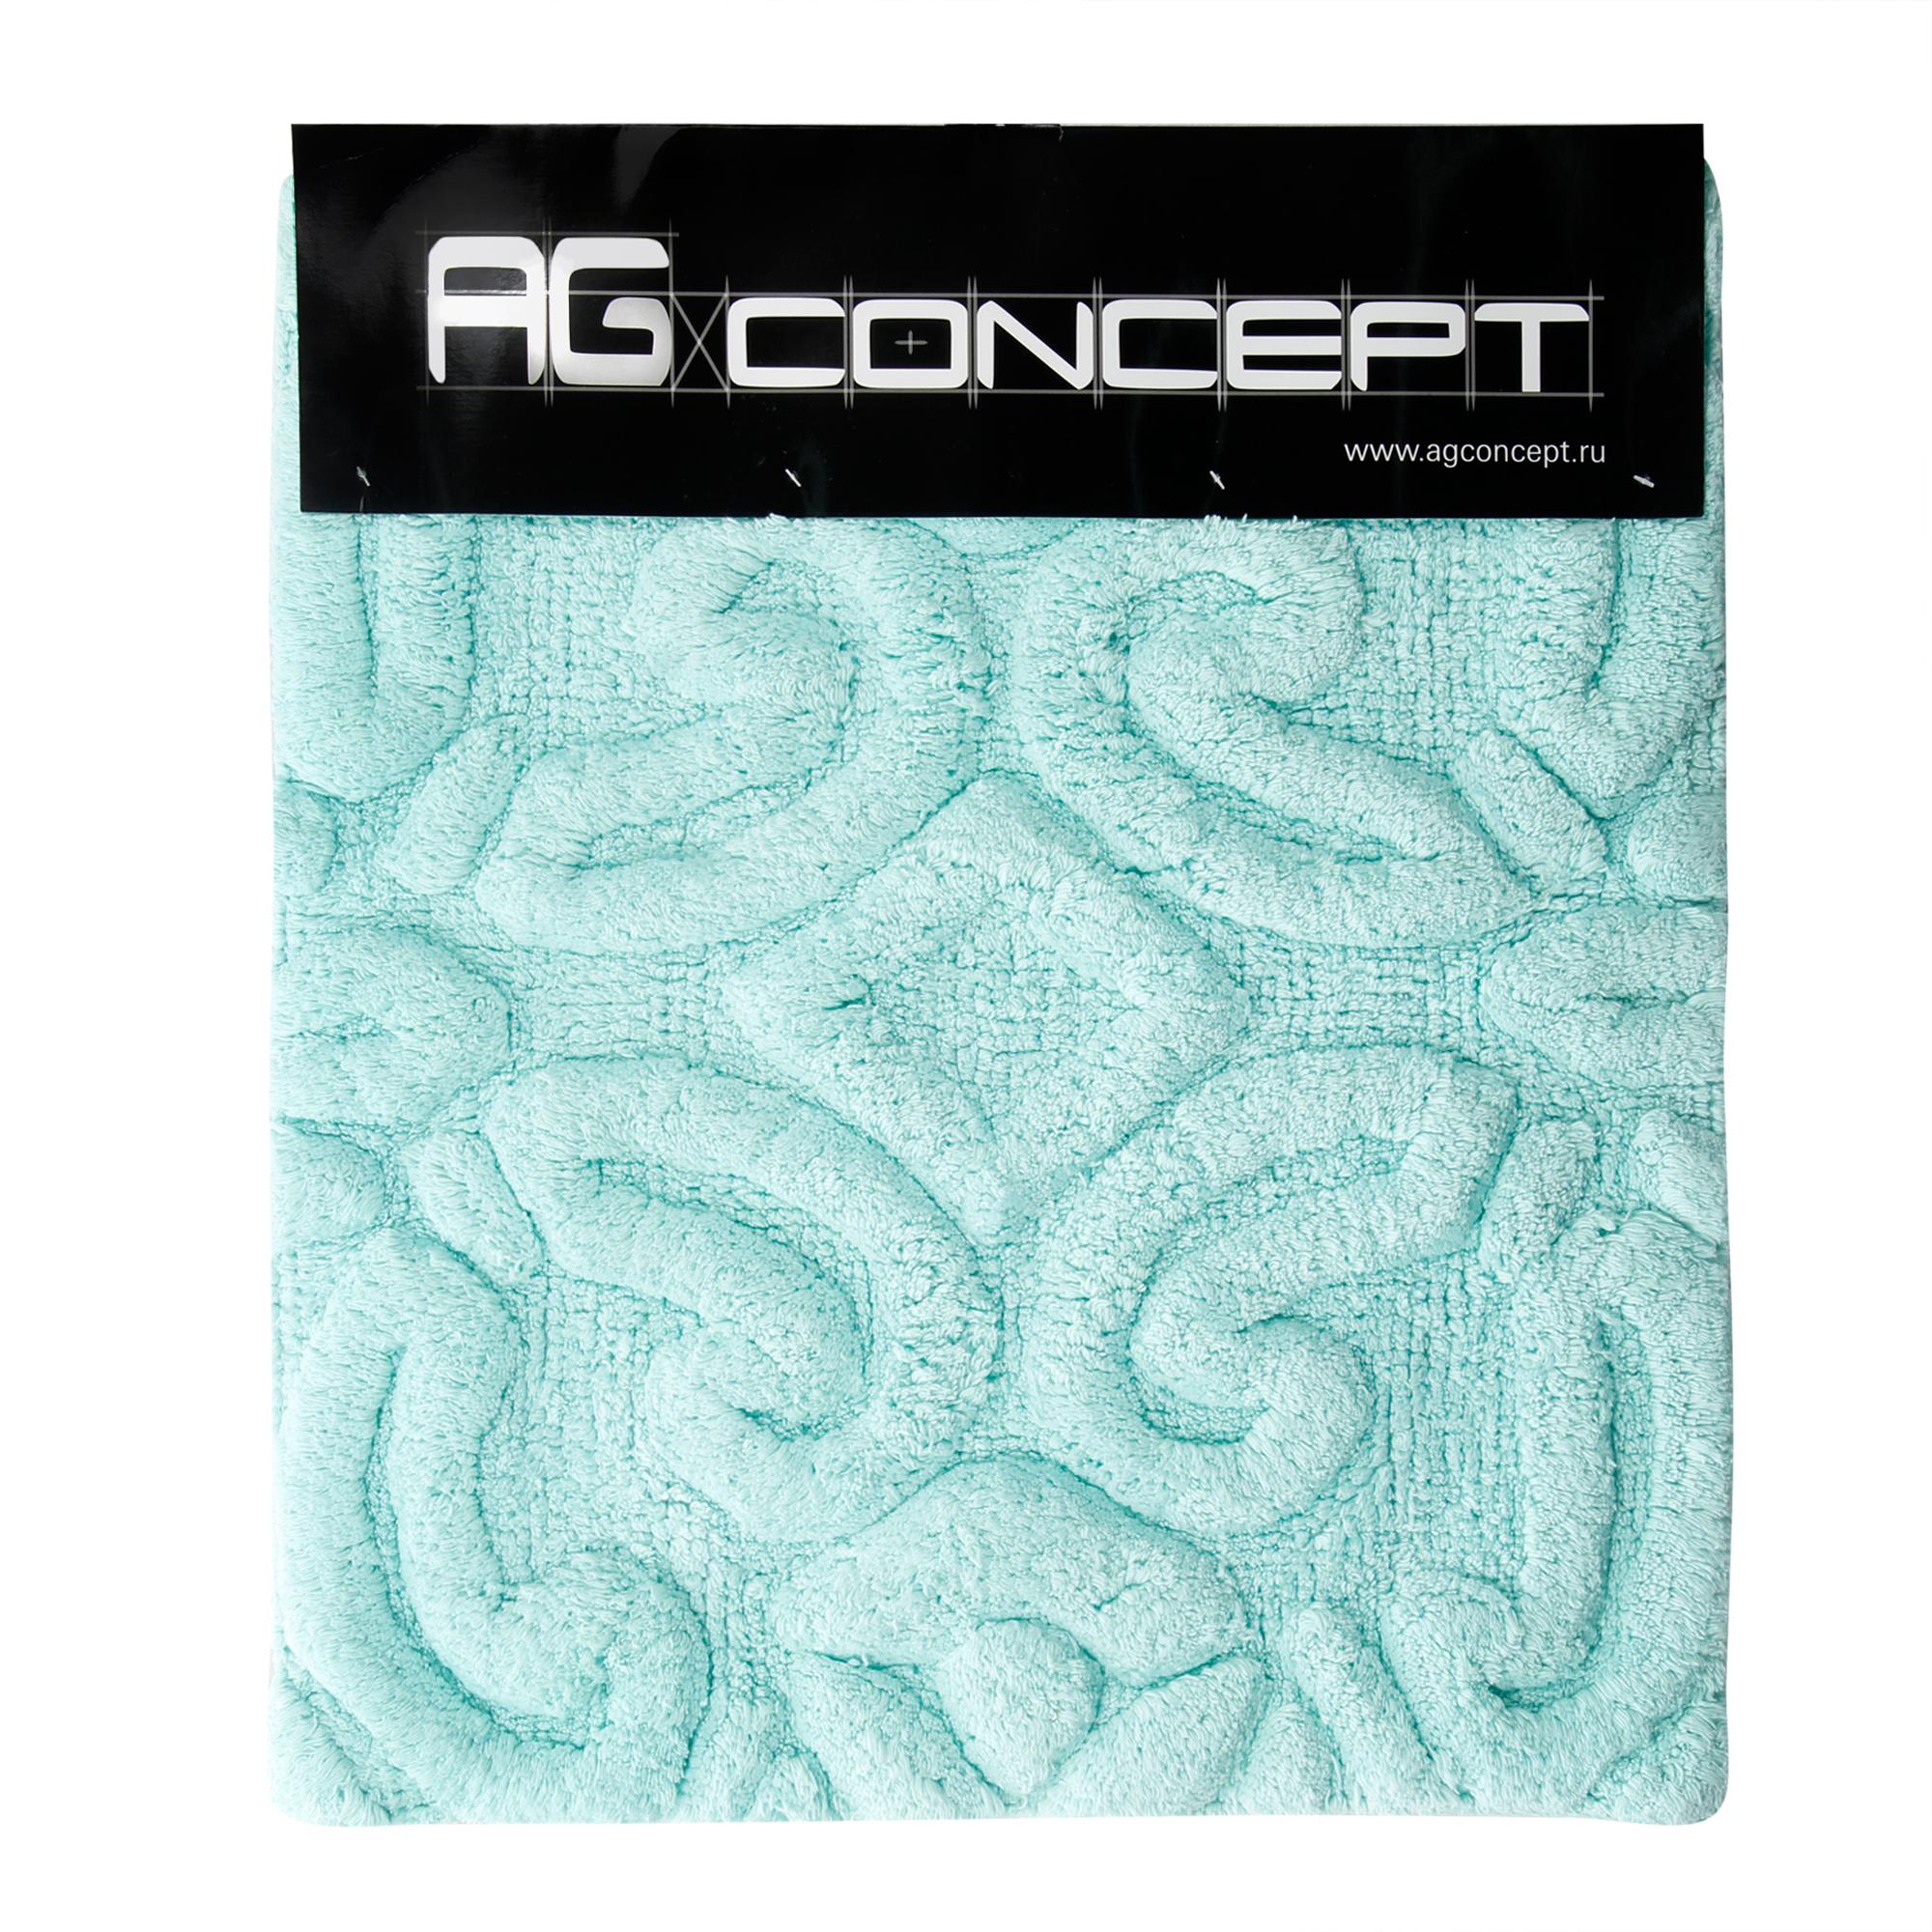 Коврик Ag concept 50х60 см бирюза